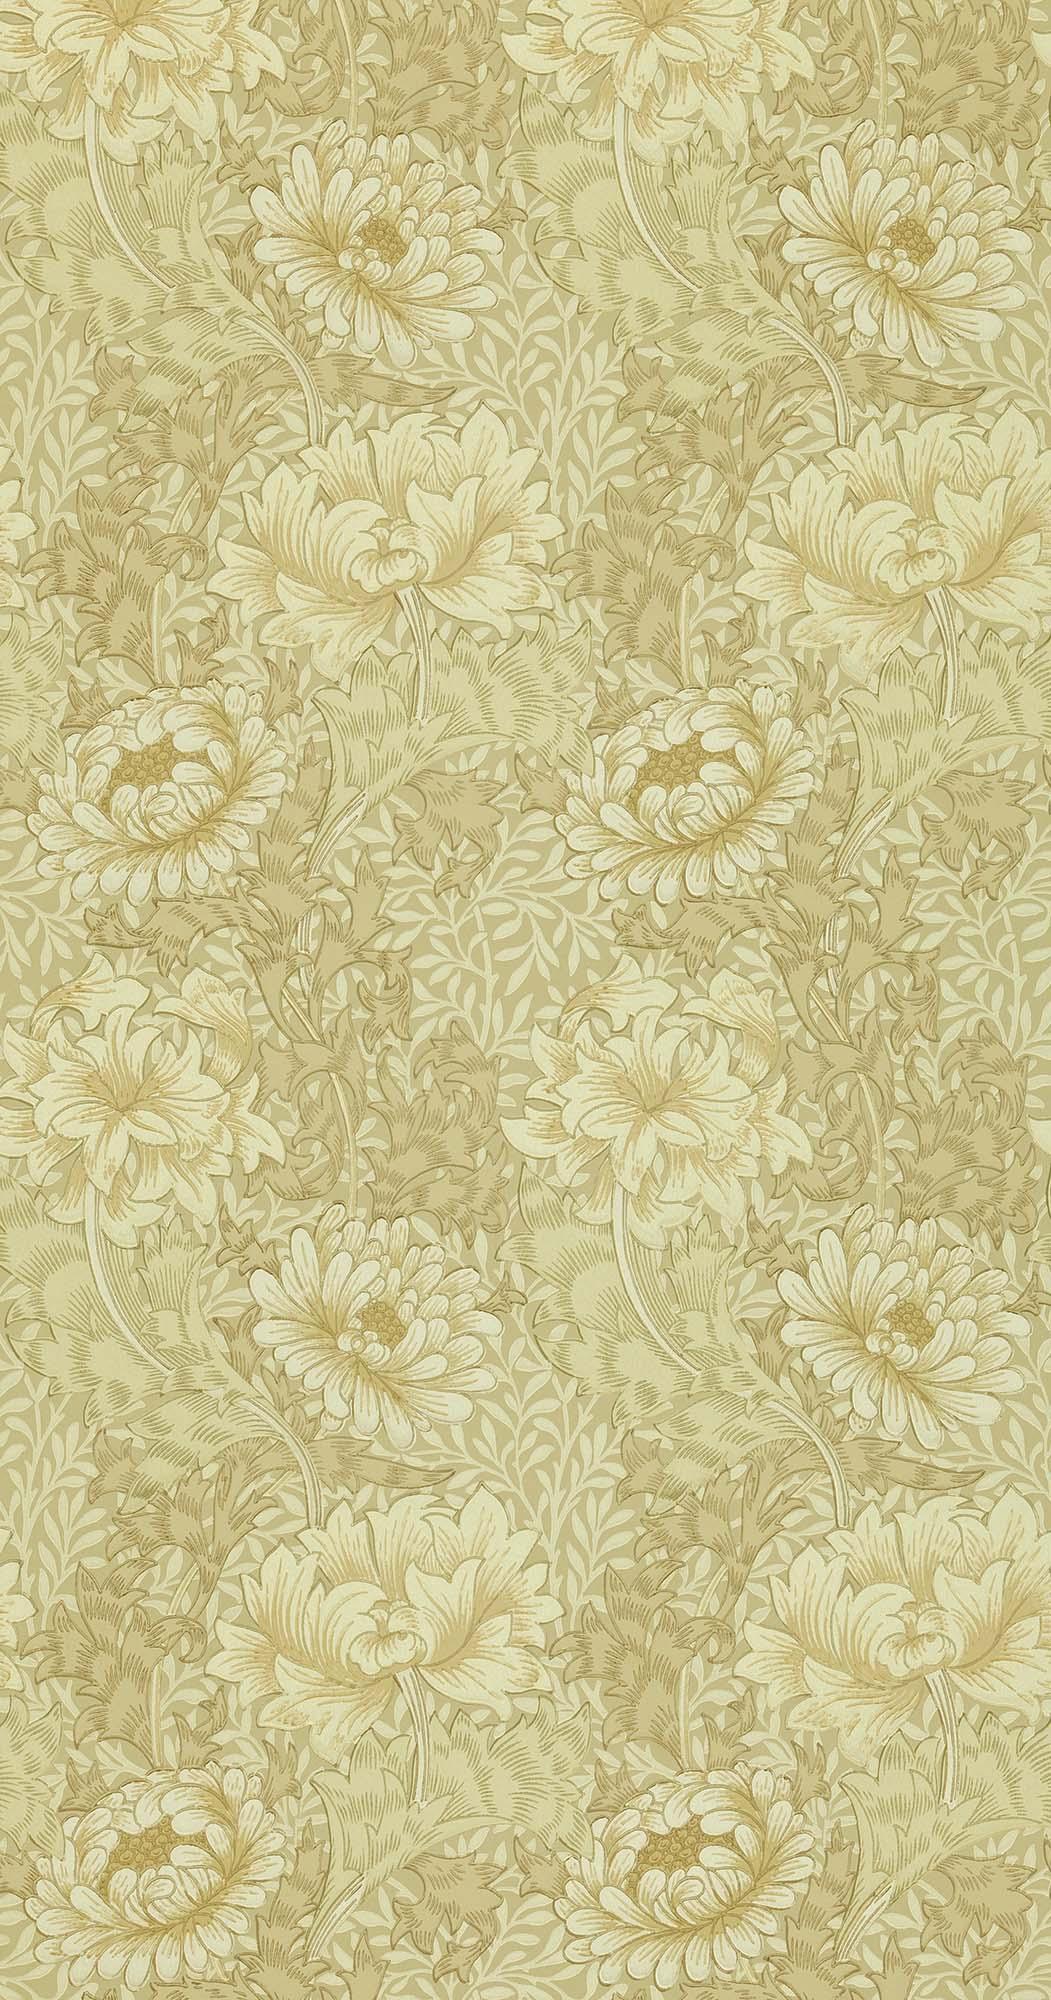 ウィリアムモリス壁紙 Chrysanthemum WM-7612-8